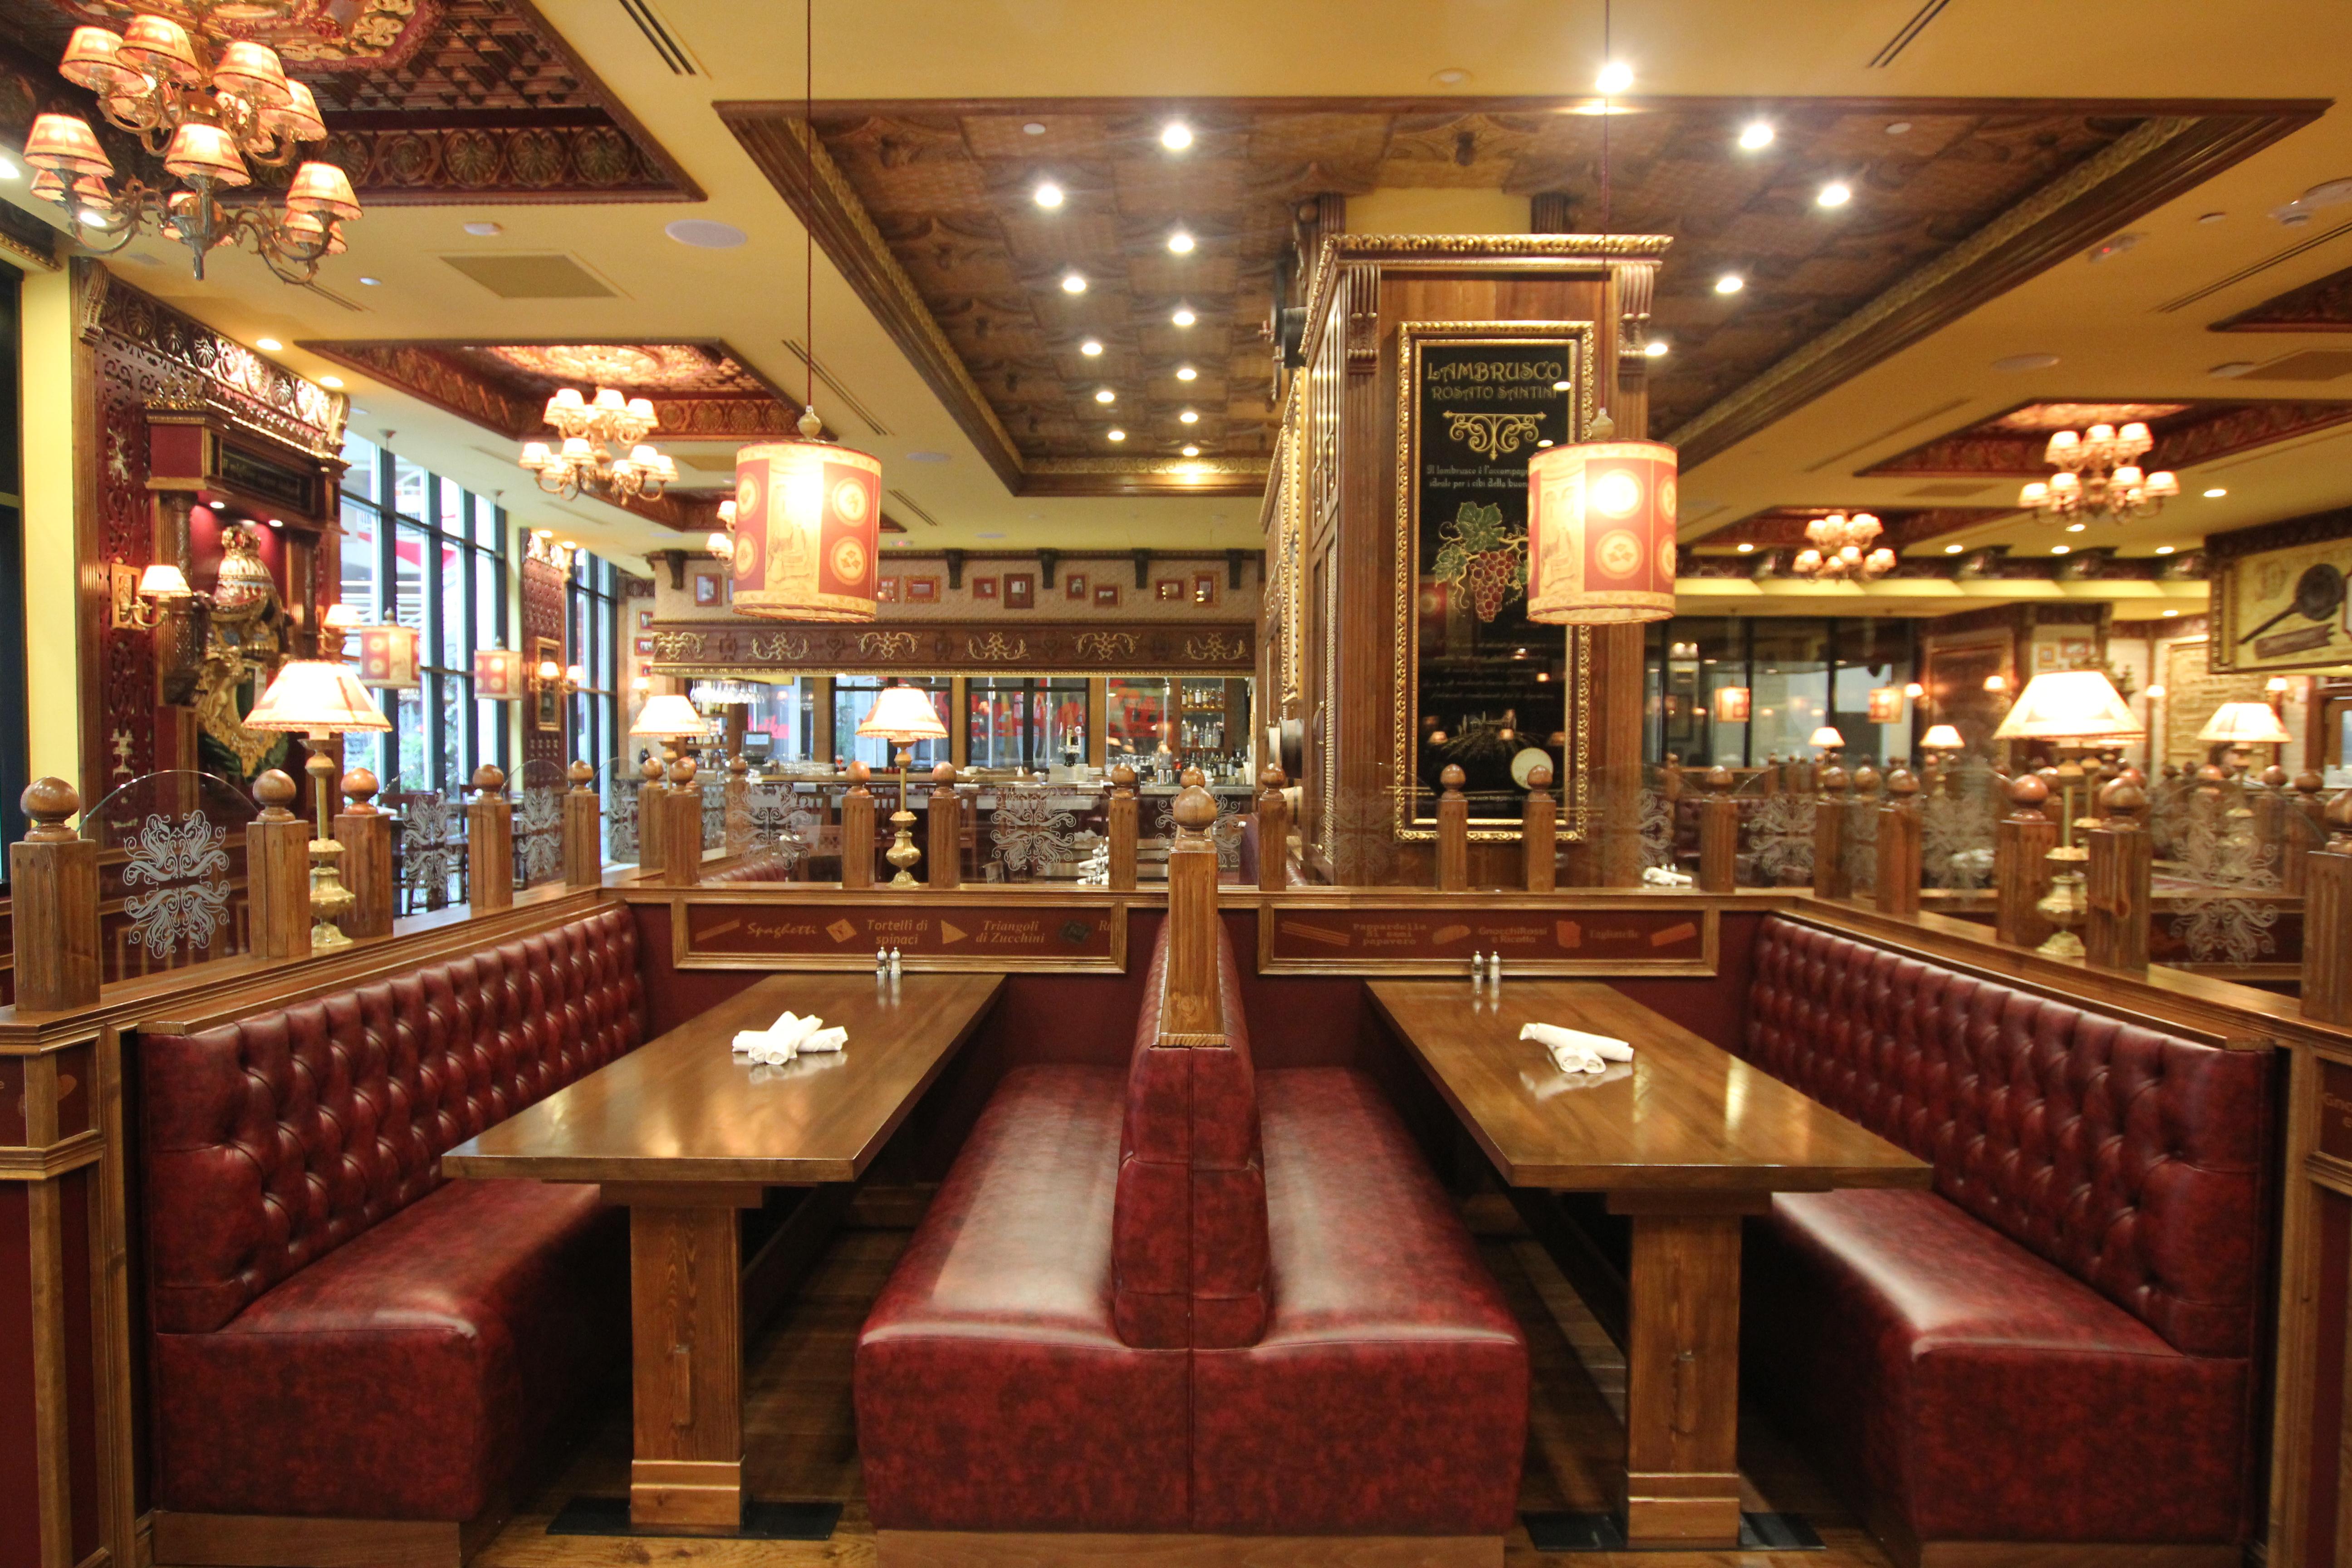 Restaurante La Tagliatella, Servicios climatización valencia, Servicios refrigeracón valencia, valencia, climatización